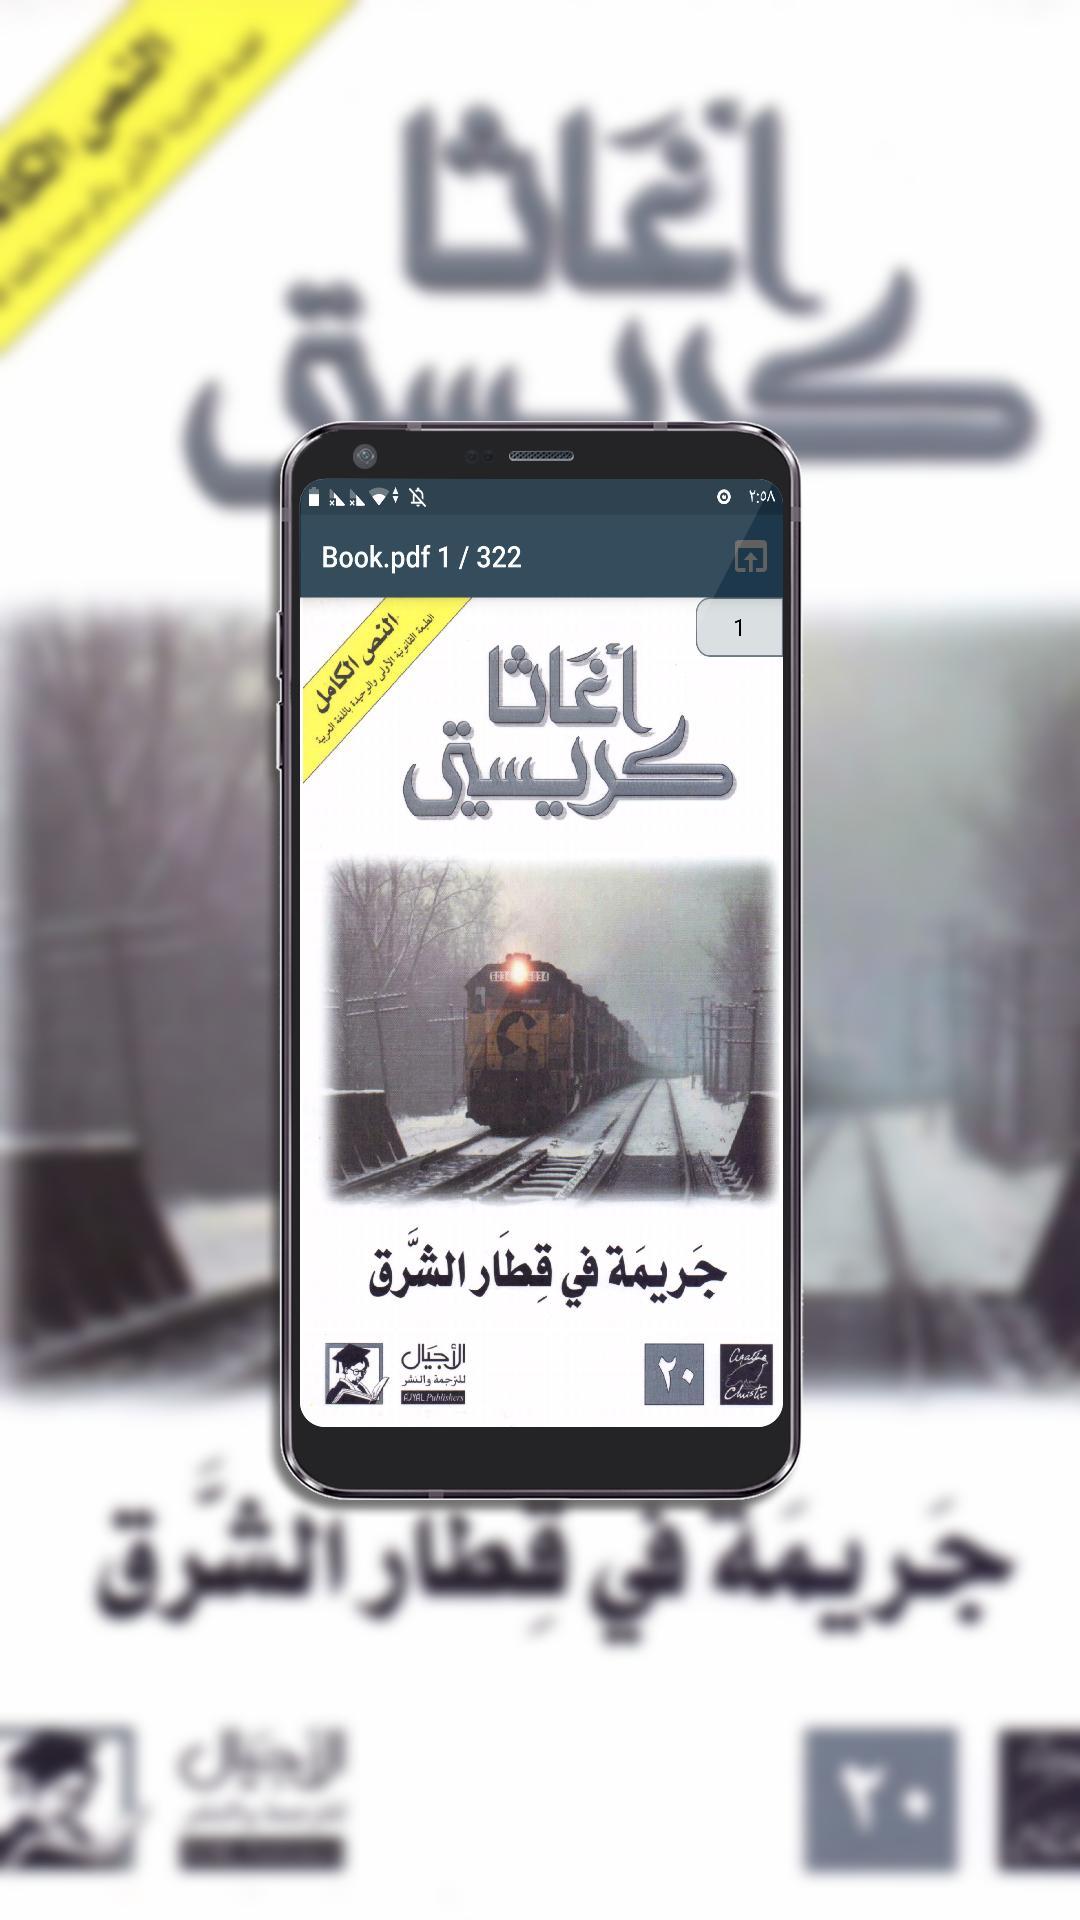 رواية جريمة في قطار الشرق السريع أجاثا كريستي For Android Apk